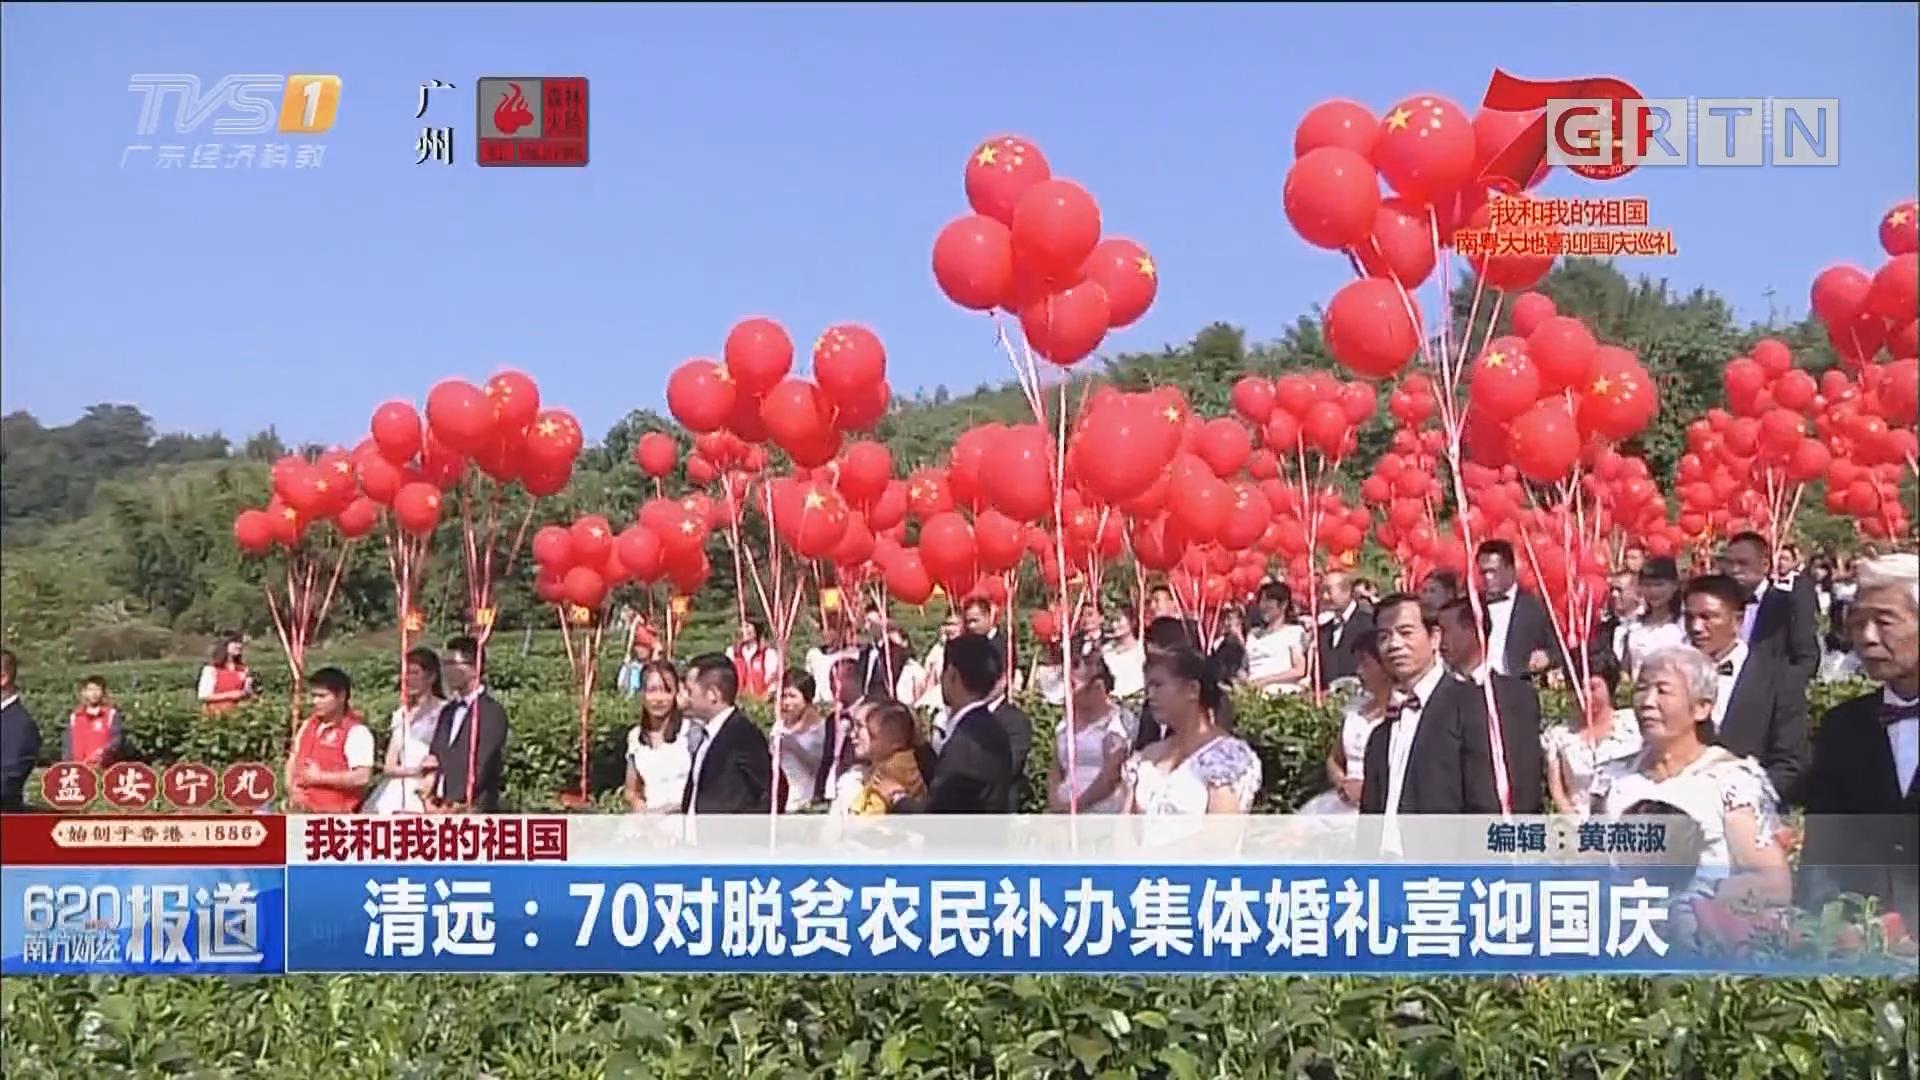 我和我的祖国 清远:70对脱贫农民补办集体婚礼喜迎国庆